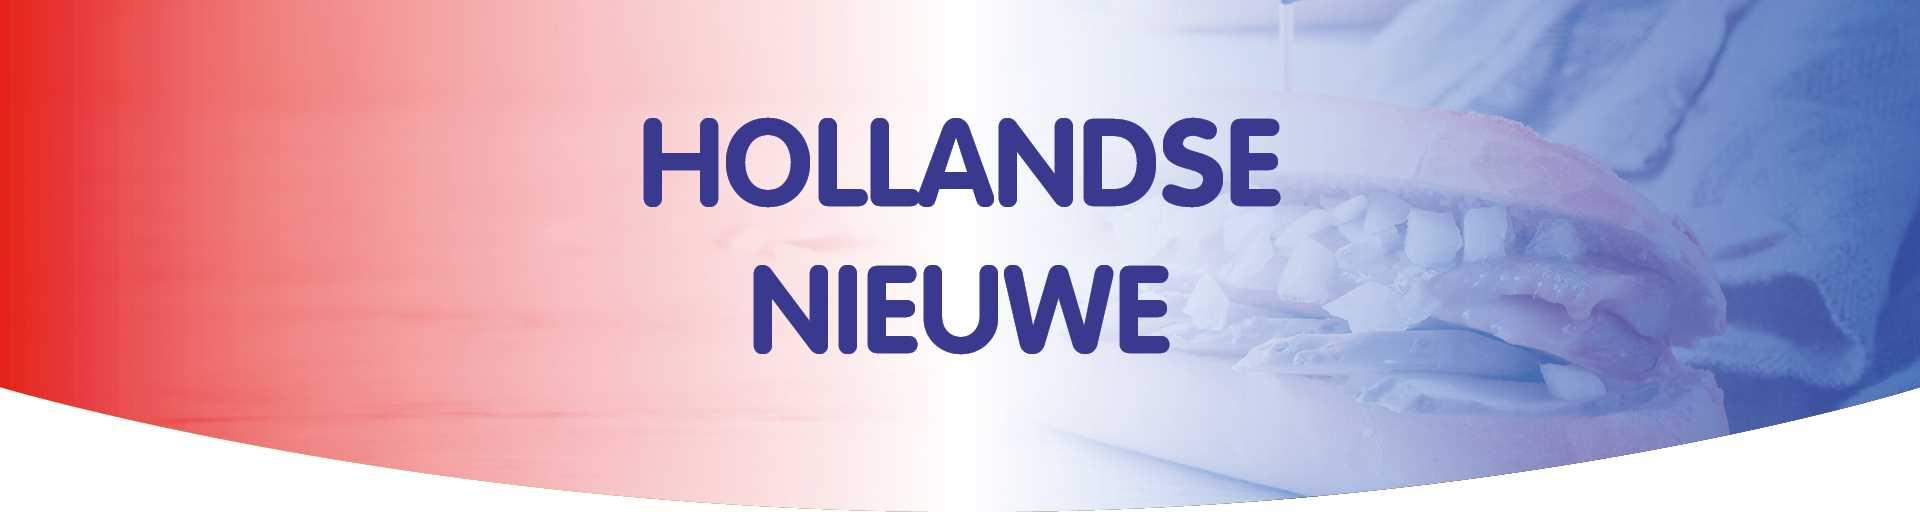 Hollandse Nieuwe 2021